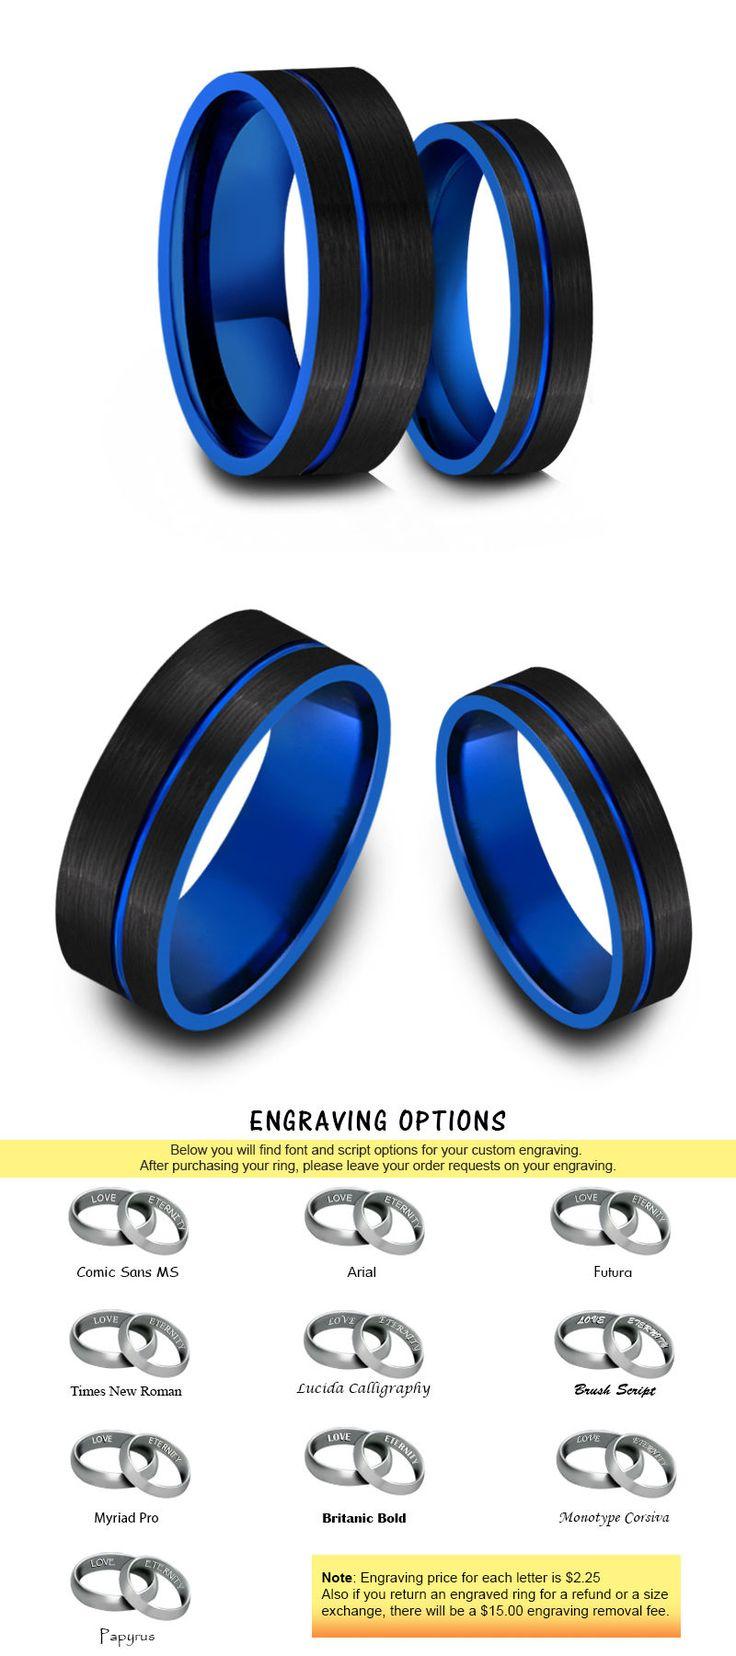 black tungsten wedding bands ebay wedding rings sets Other Wedding Ring Sets Tungsten Wedding Band Matching Set Blue And Black Tungsten